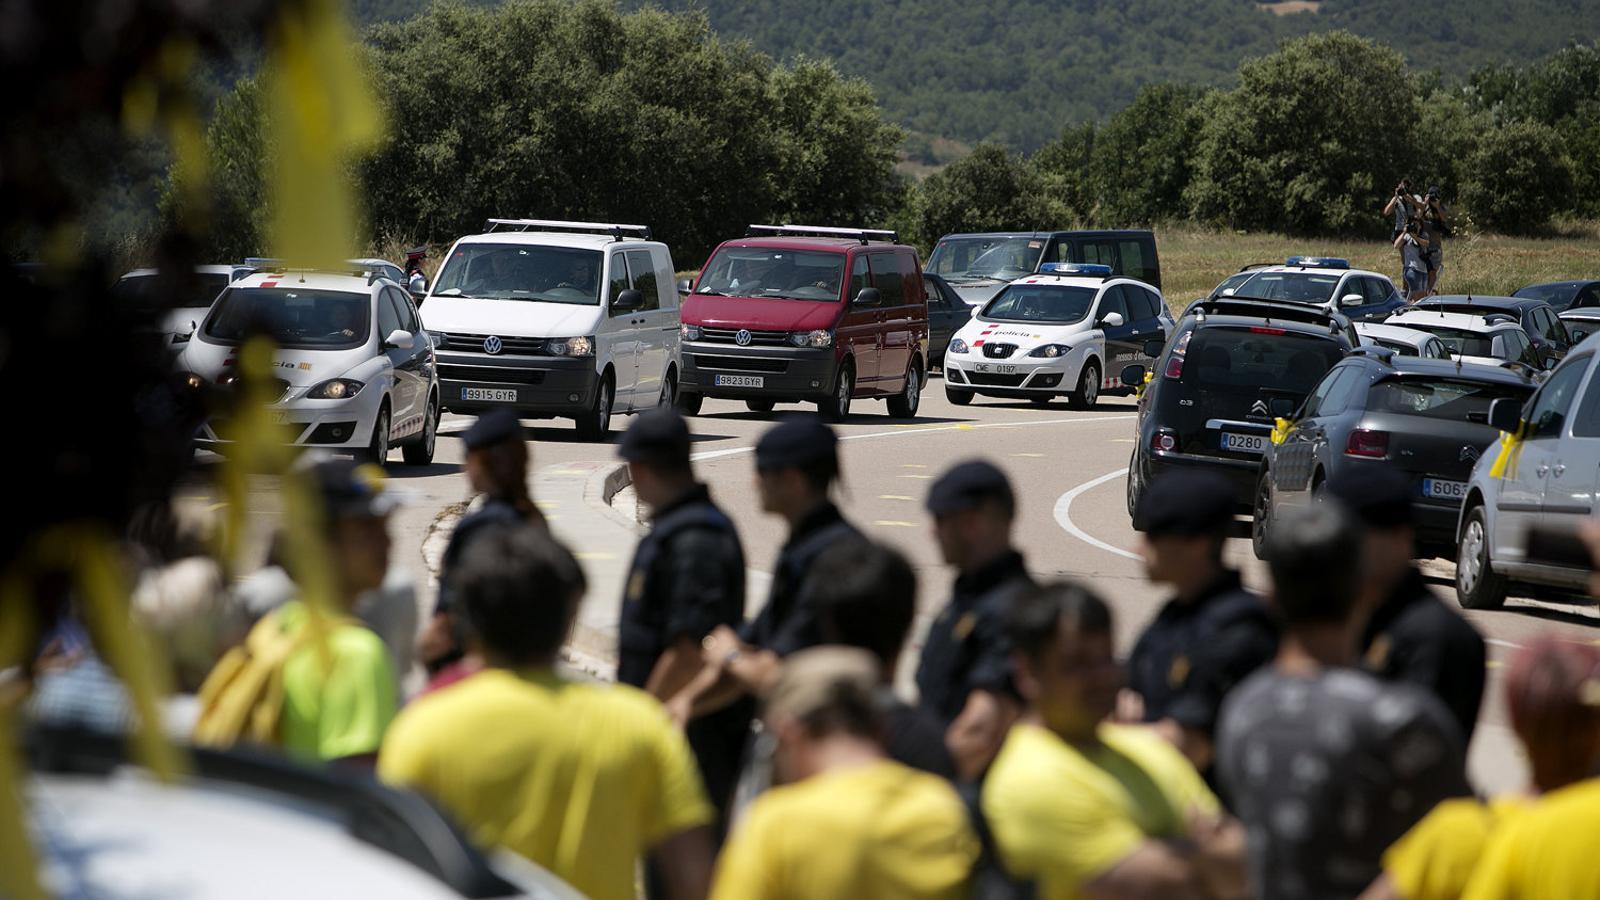 Així serà el trasllat dels presos polítics a Madrid